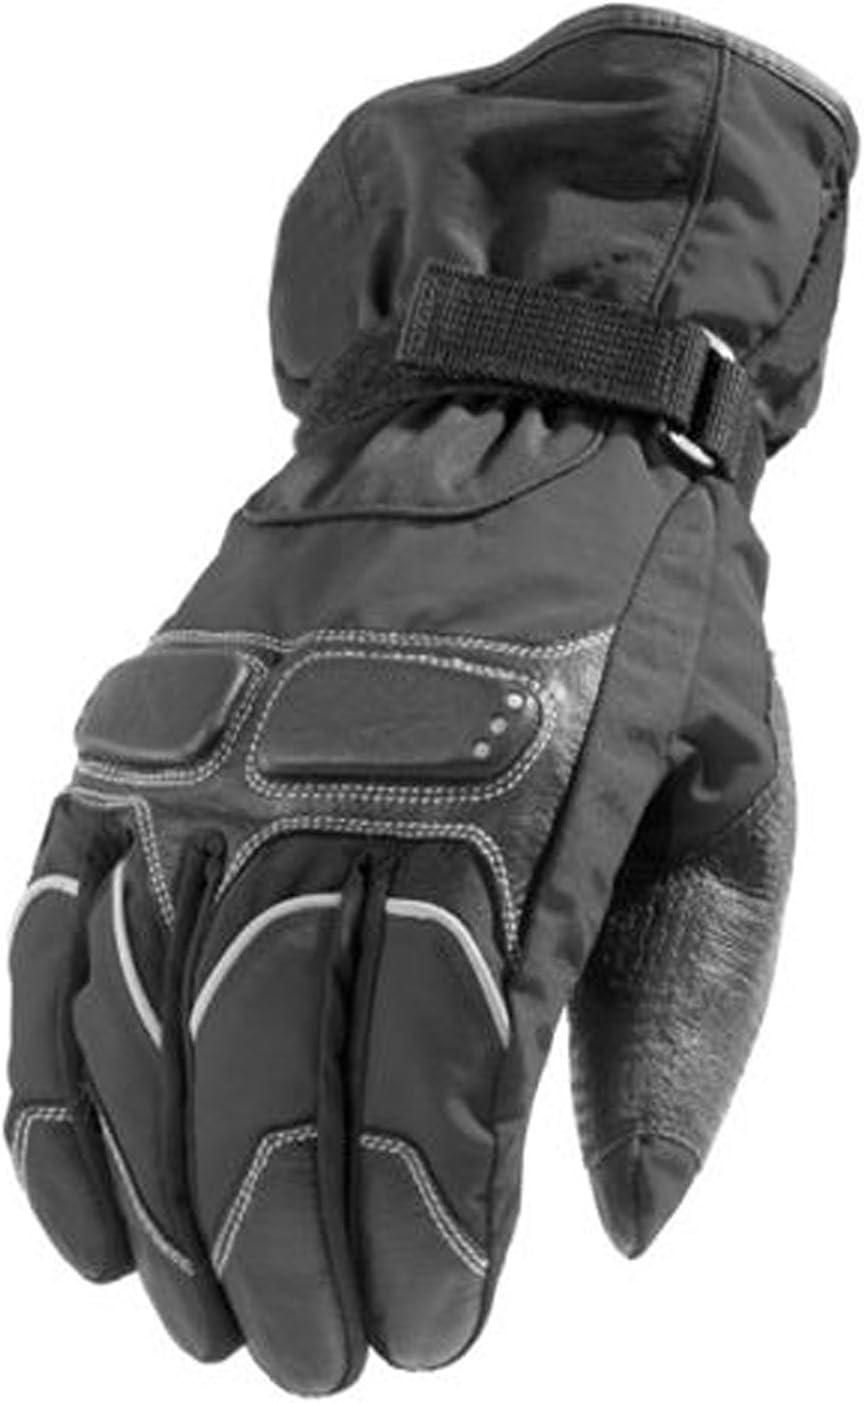 Urbanboutique Hiver /ét/é Cuir Textile Moto Imperm/éable Gants Collection